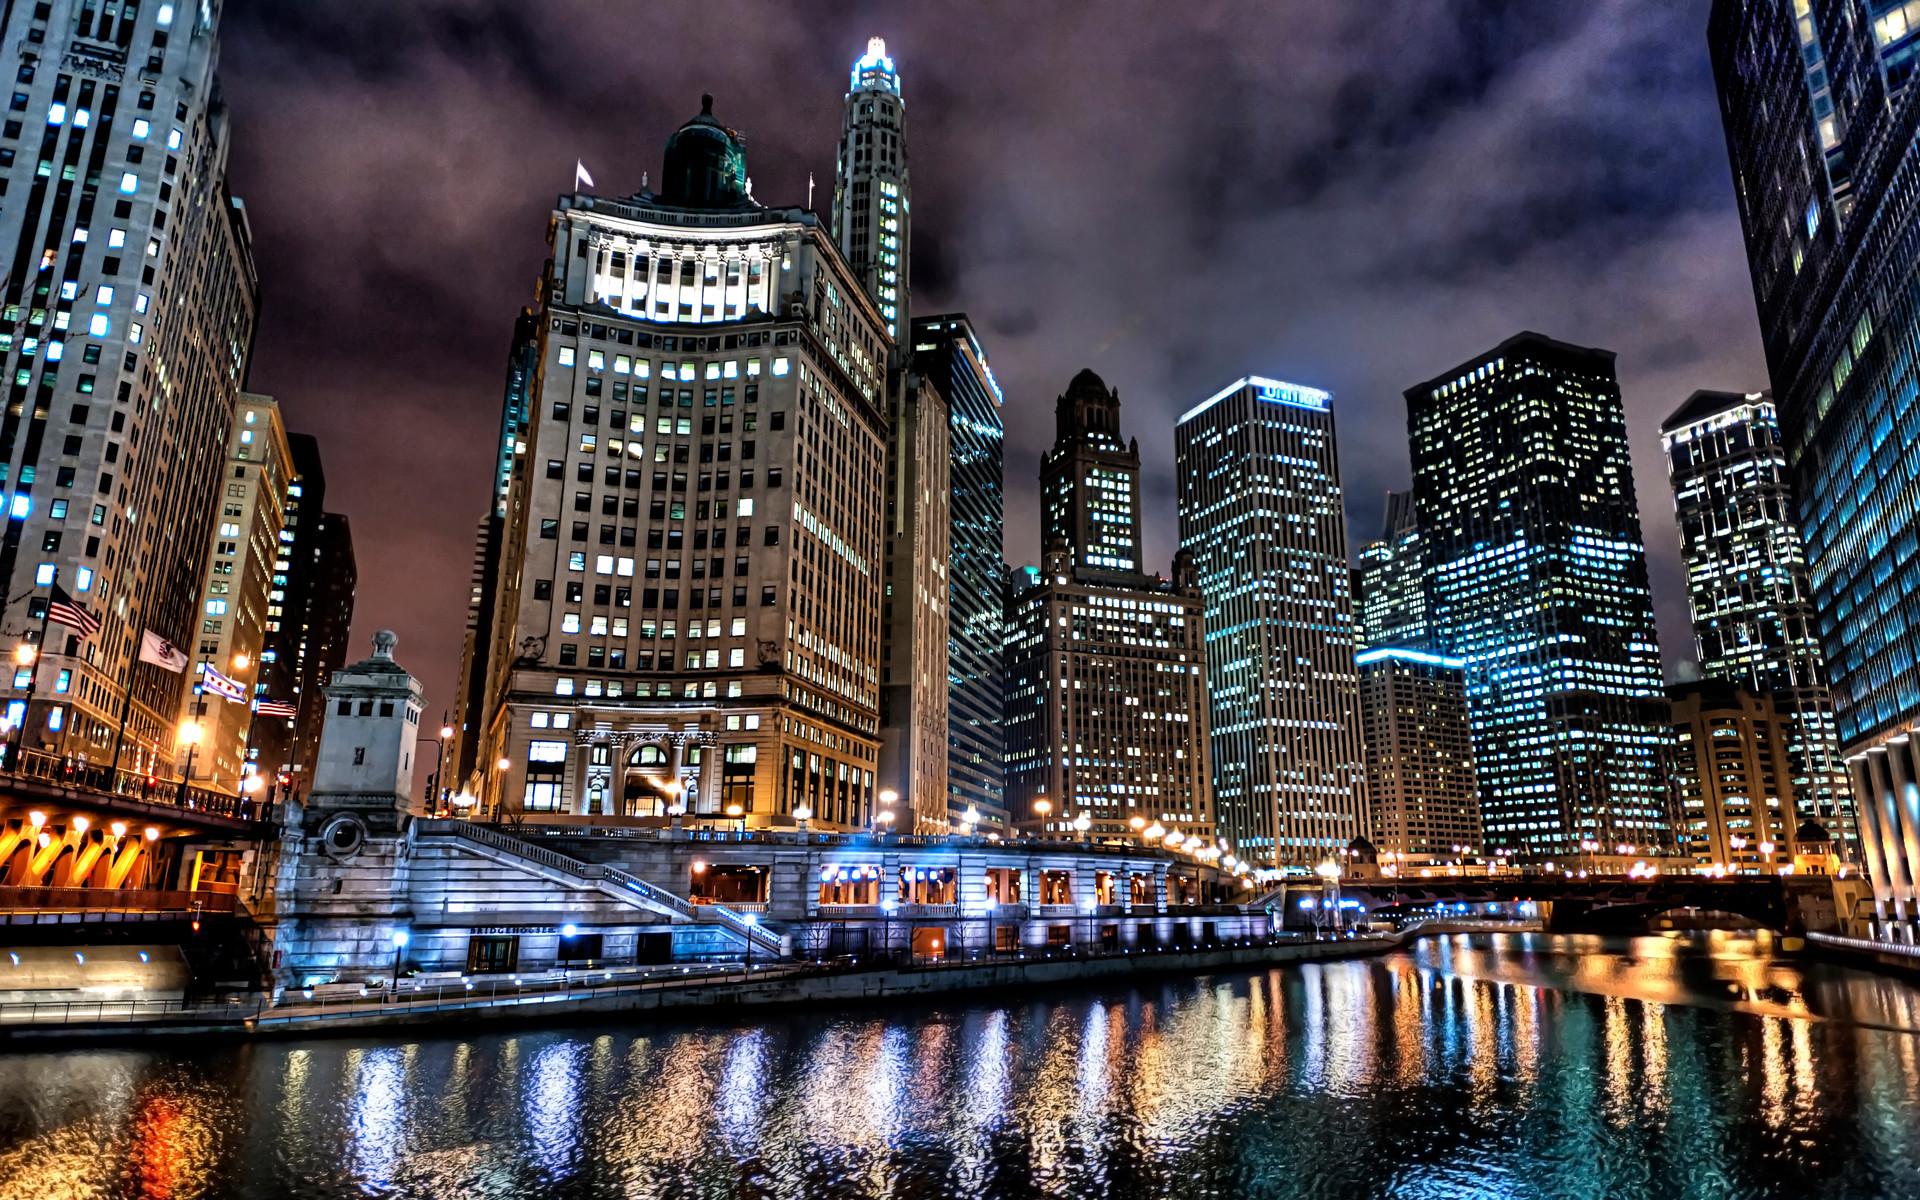 Chicago City Scenery Wallpaper Desktop Wallpaper | WallpaperLepi